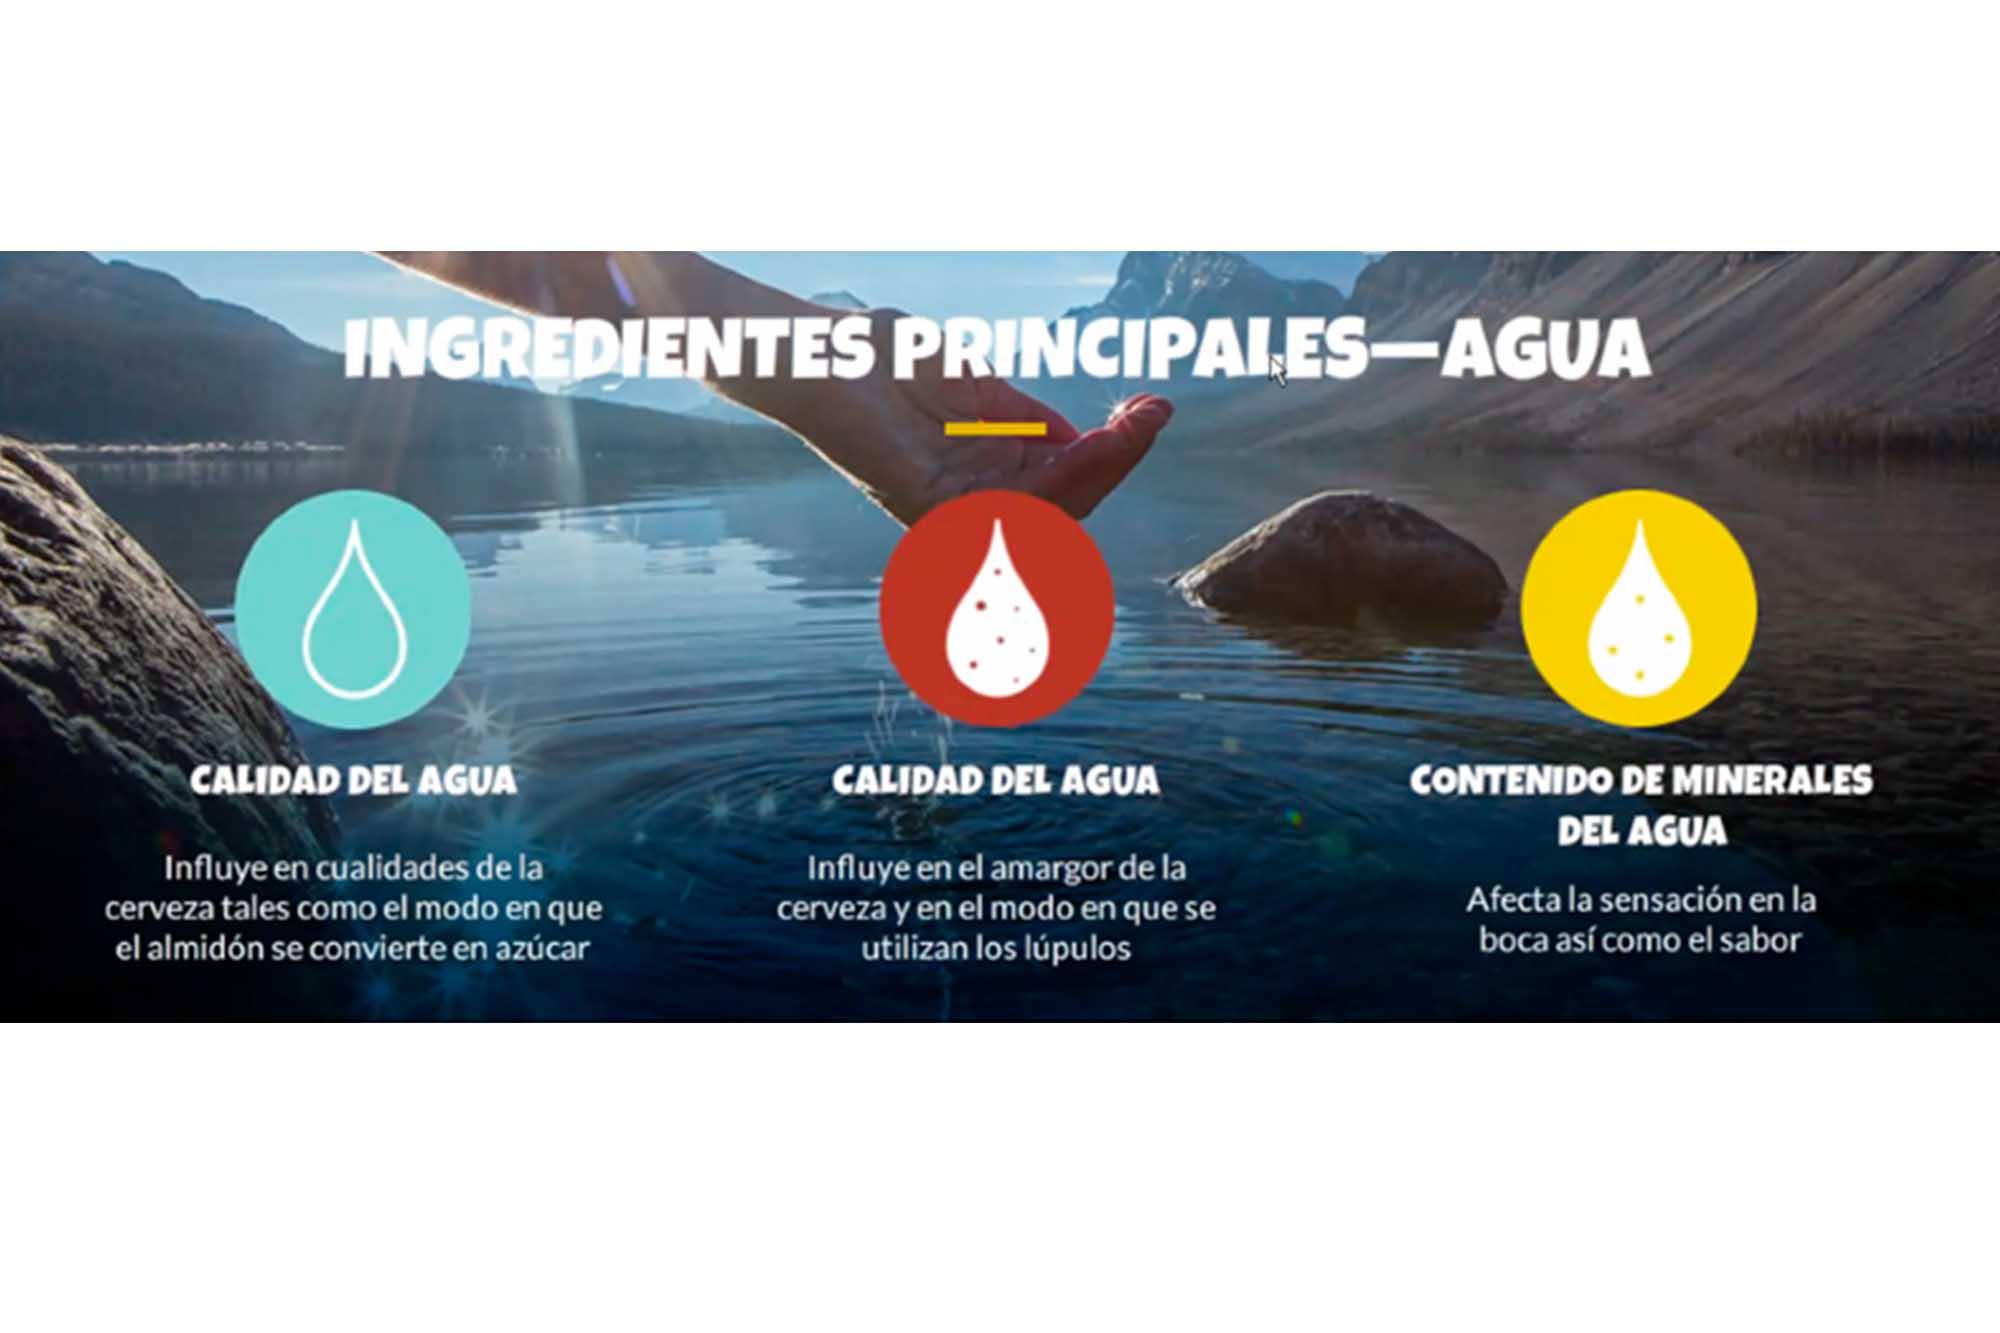 tratamiento de aguas residuales 040221